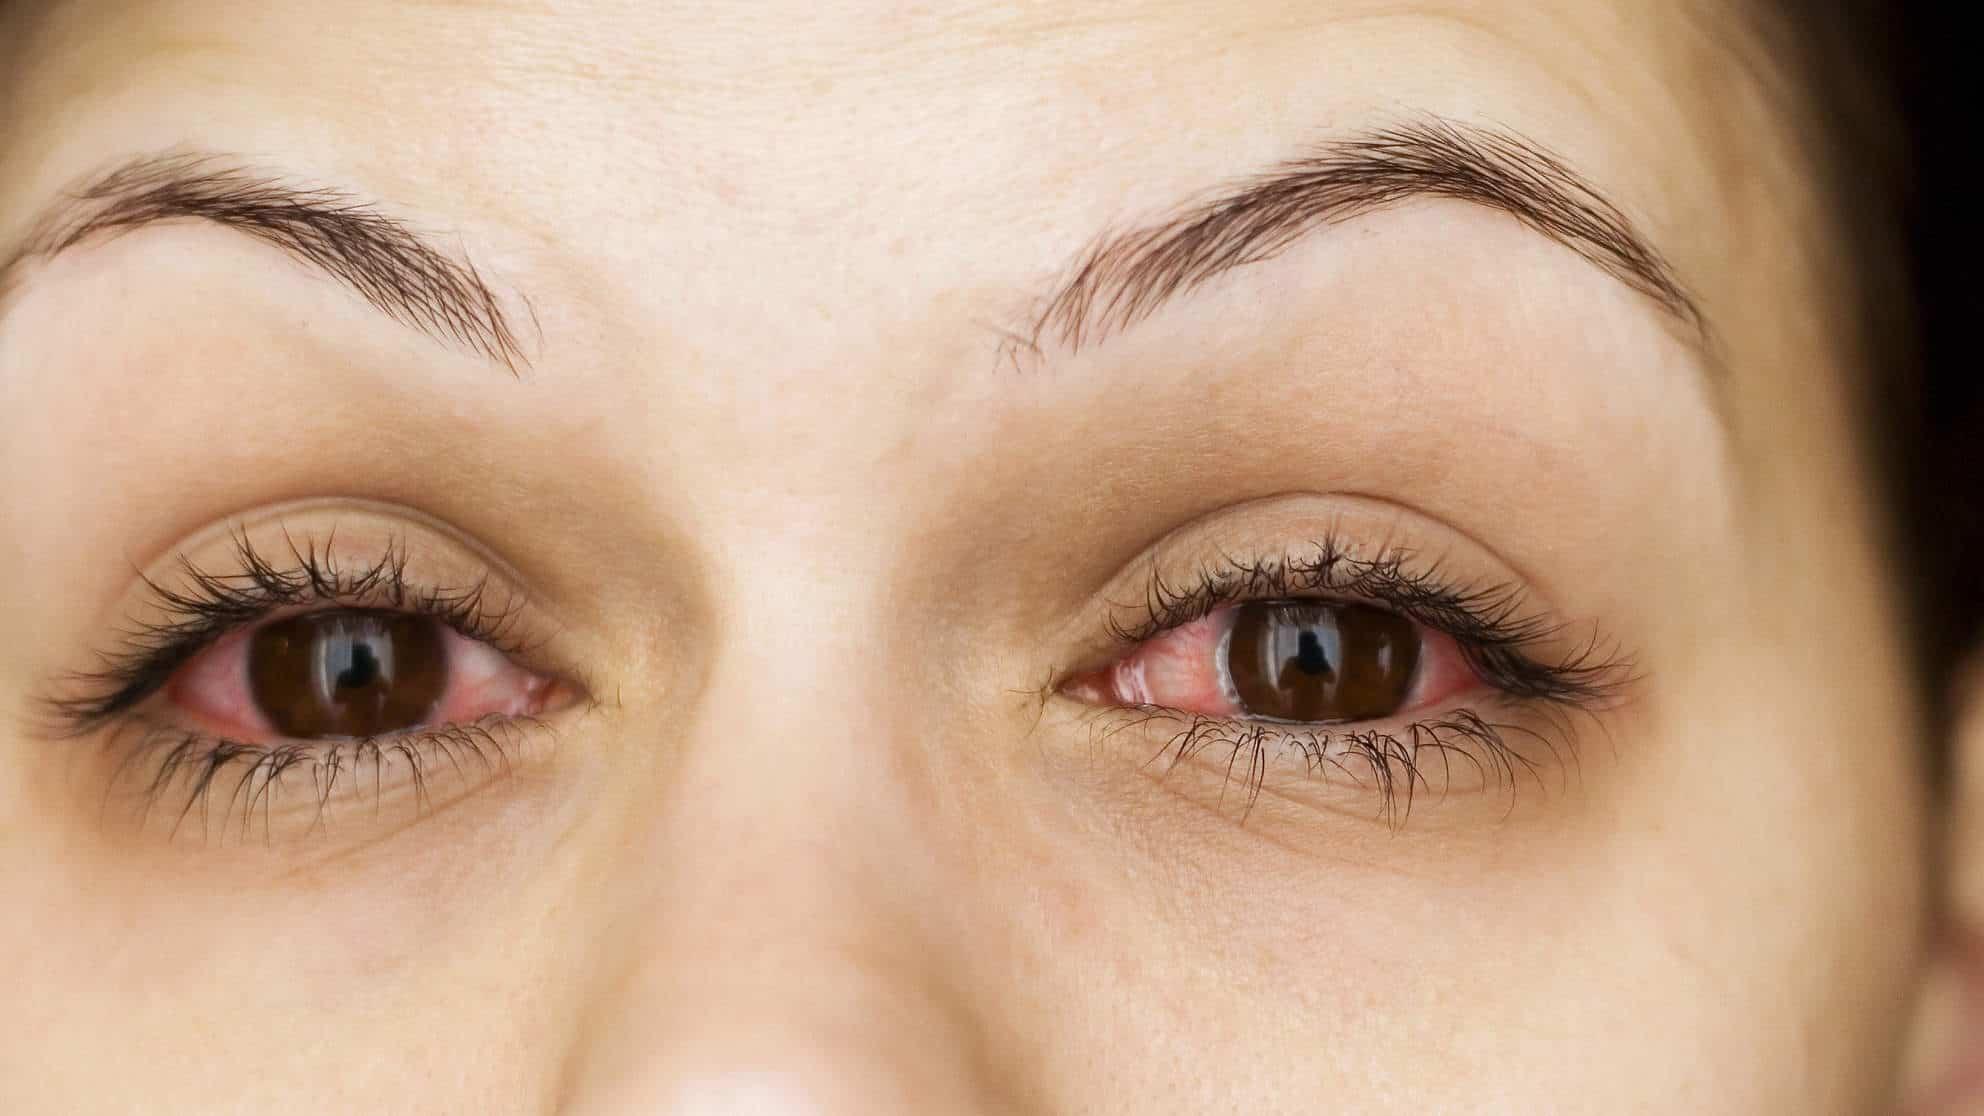 صور علاج حساسية العين , وصفات لعلاج حساسية العين